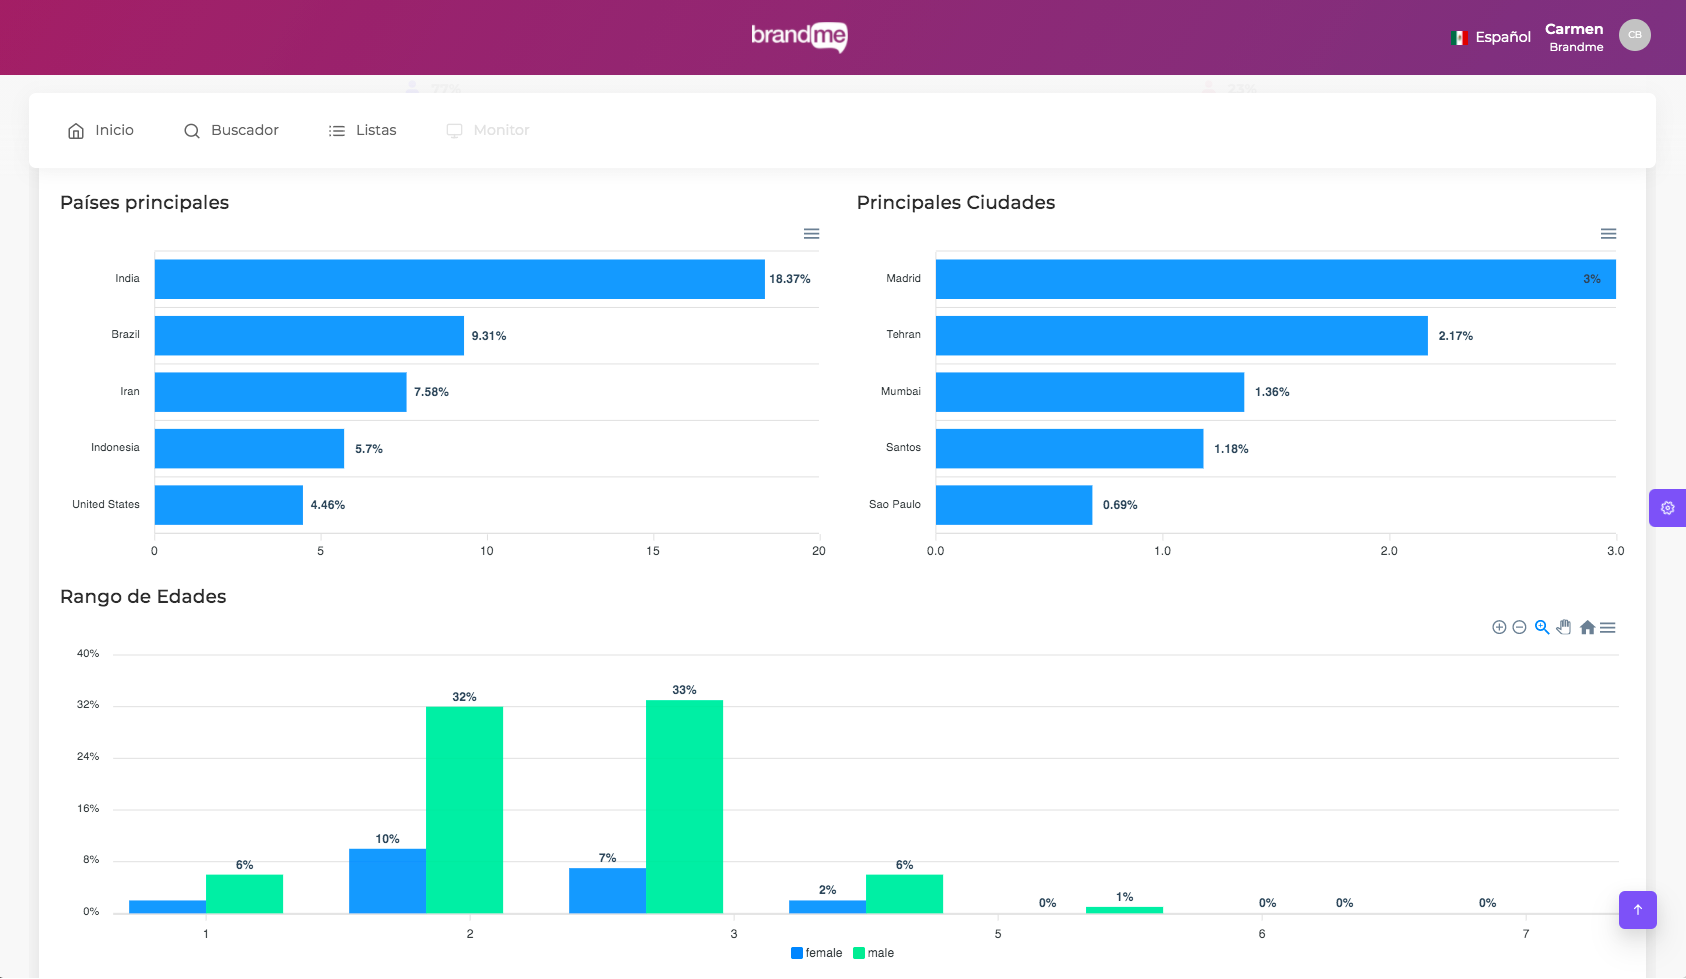 Cómo-elegir-influencers-analizador-de-BrandMe-audiencia